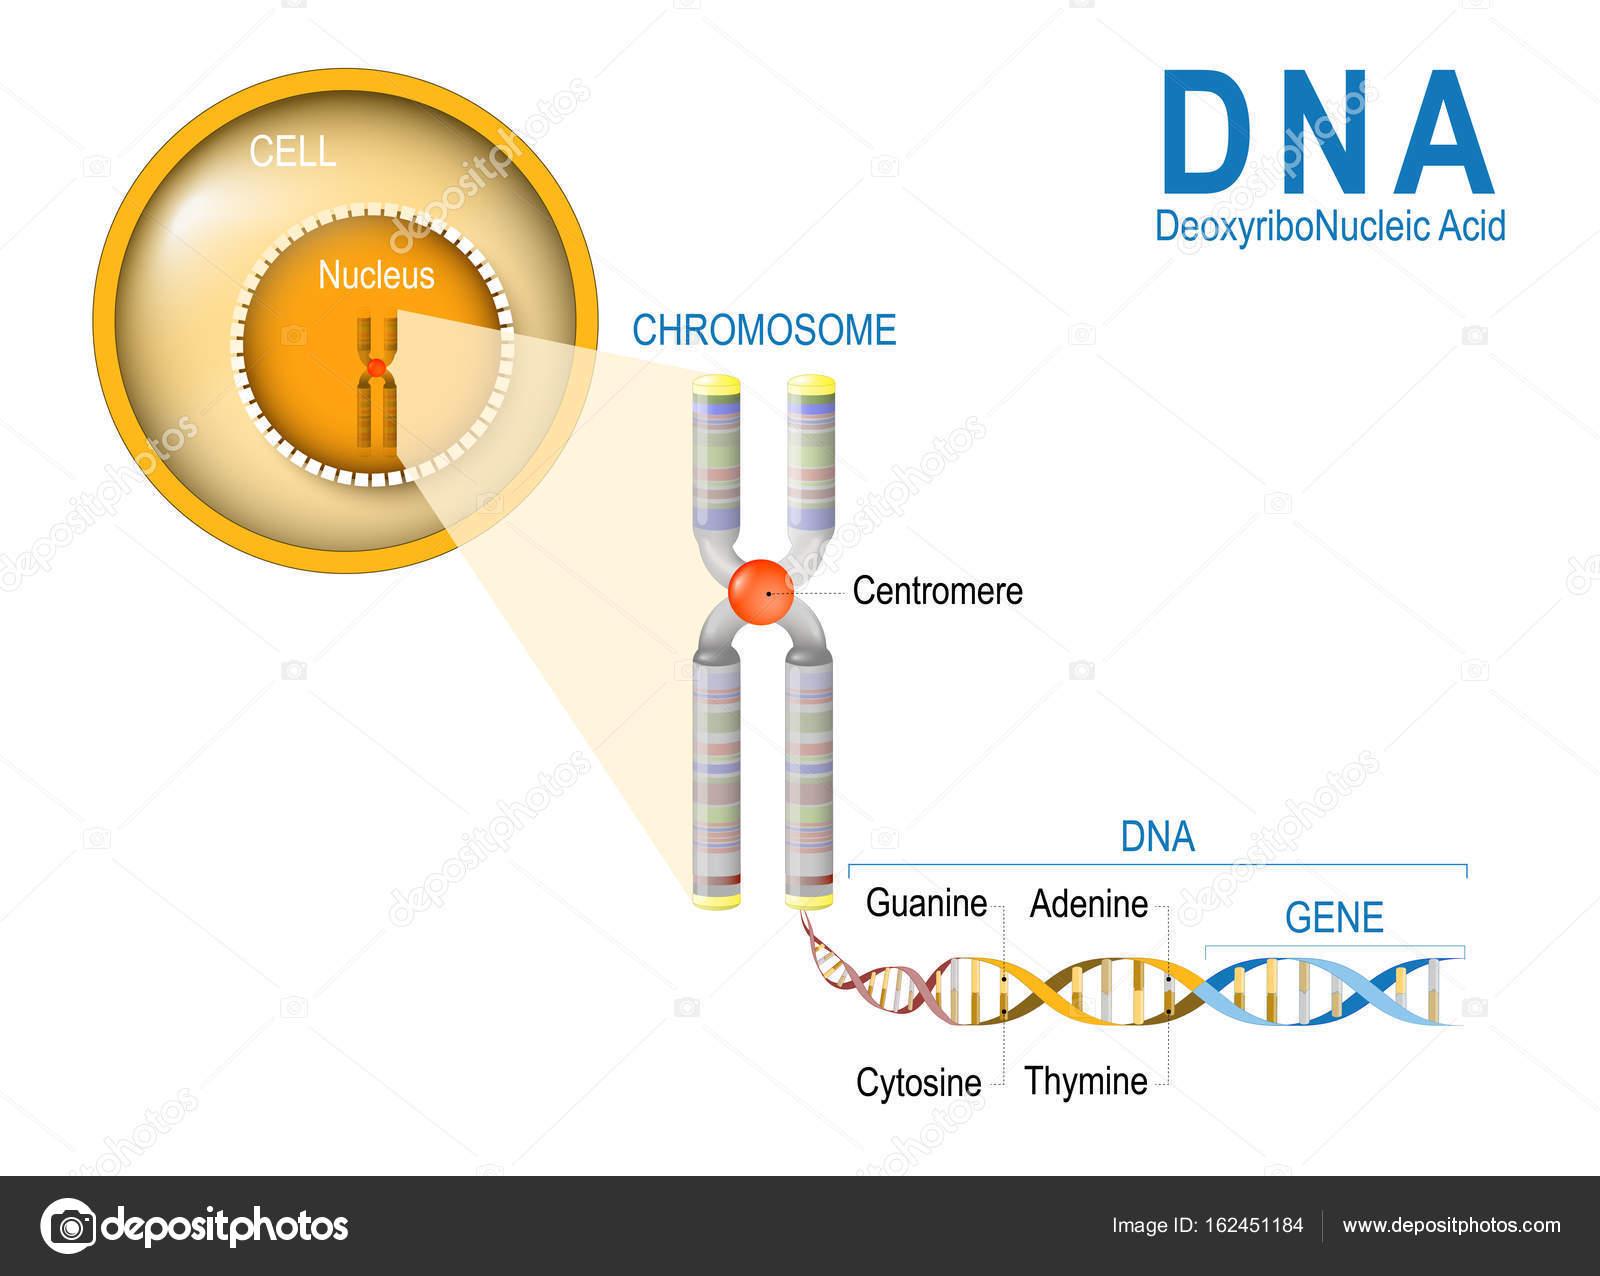 Clula cromossomo dna e gene vetores de stock edesignua 162451184 clula cromossomo dna e gene estrutura celular a molcula de dna uma dupla hlice um gene um comprimento do dna que cdigos para uma protena ccuart Image collections